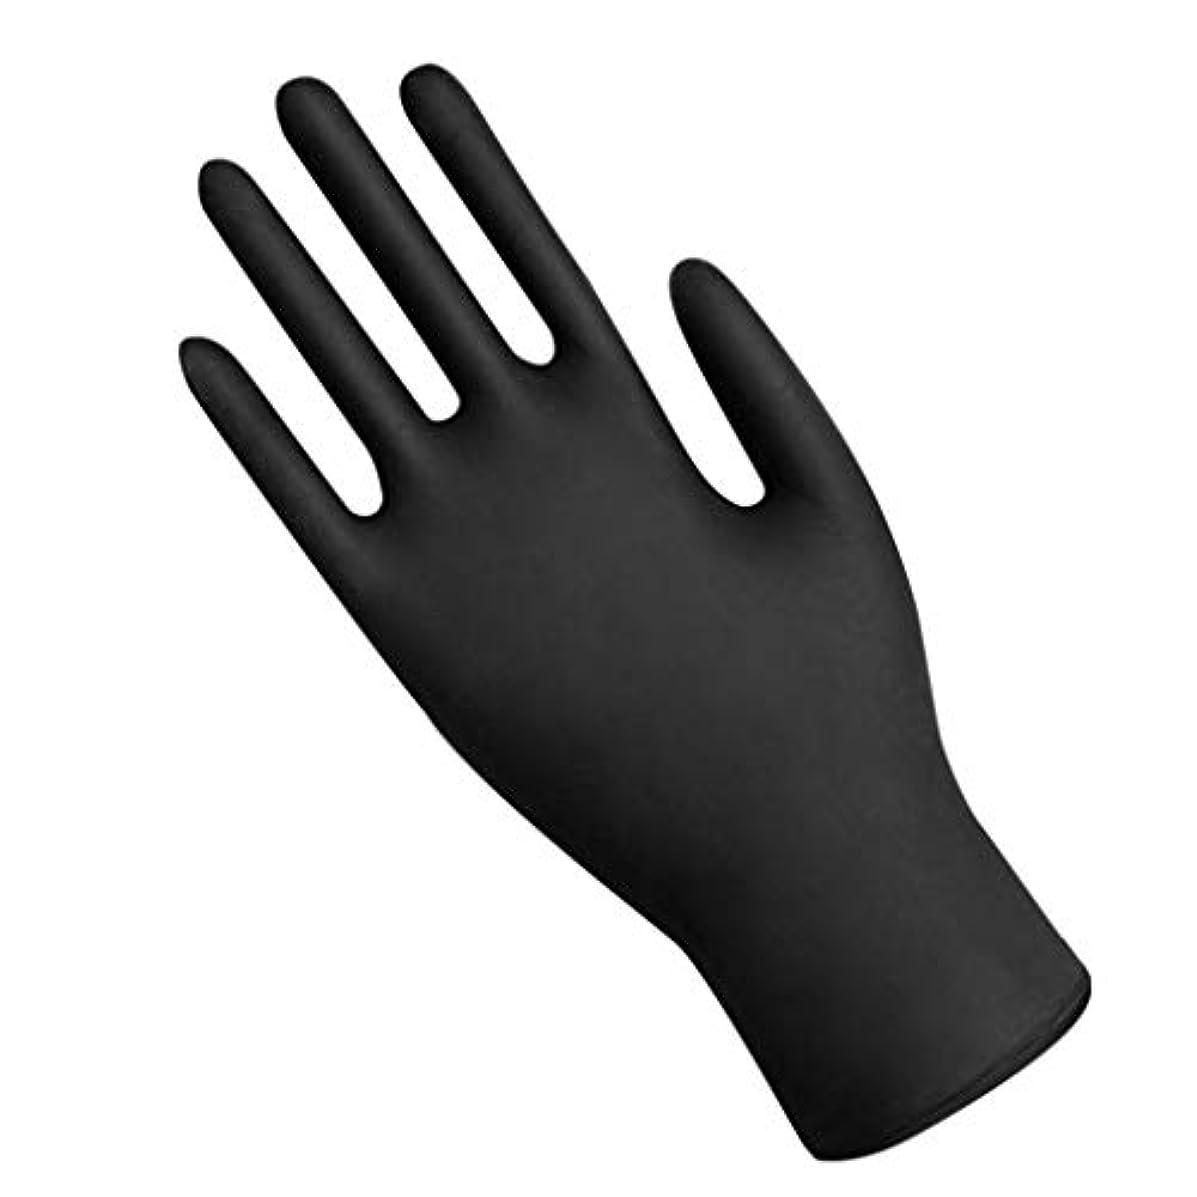 証言するジレンマ愛情深いLazayyi 50枚入 シルク手袋 手袋 使い捨て手袋 手荒い 滑りにくい 超弾性 (M, ブラック)